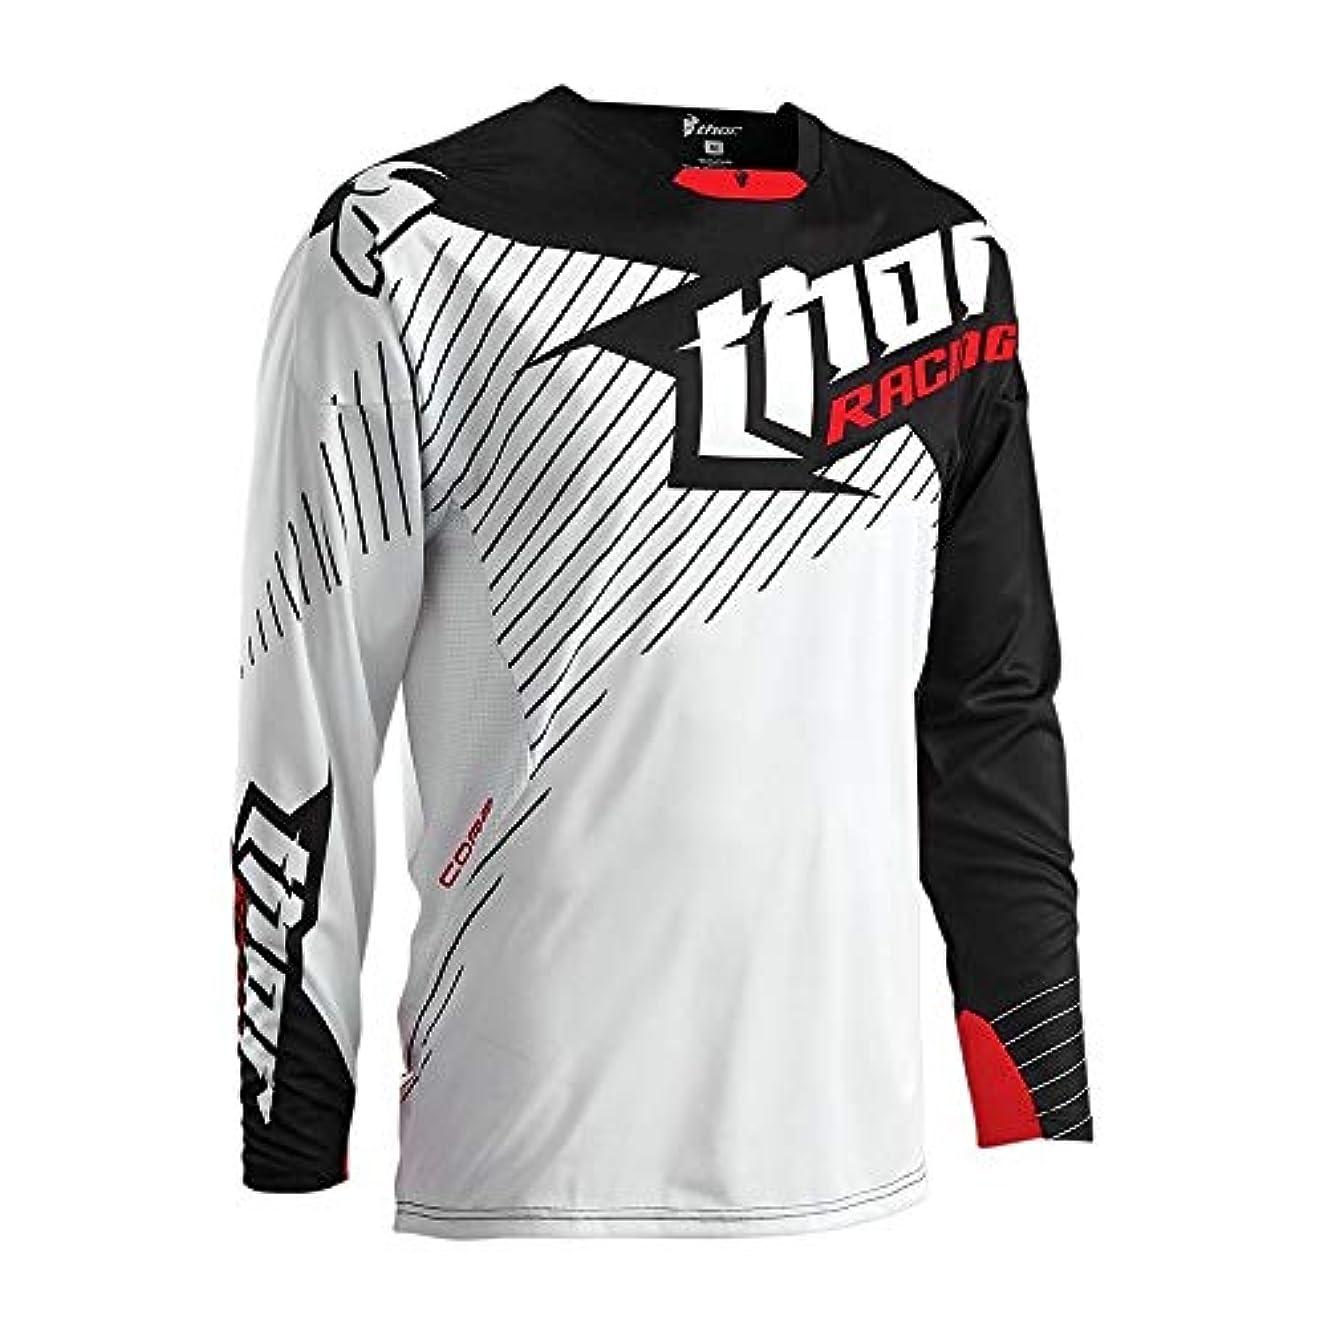 プレビスサイト不屈ポーチCXUNKK モトクロスレーシング半袖Tシャツ通気性水分発散速度低下スーツ